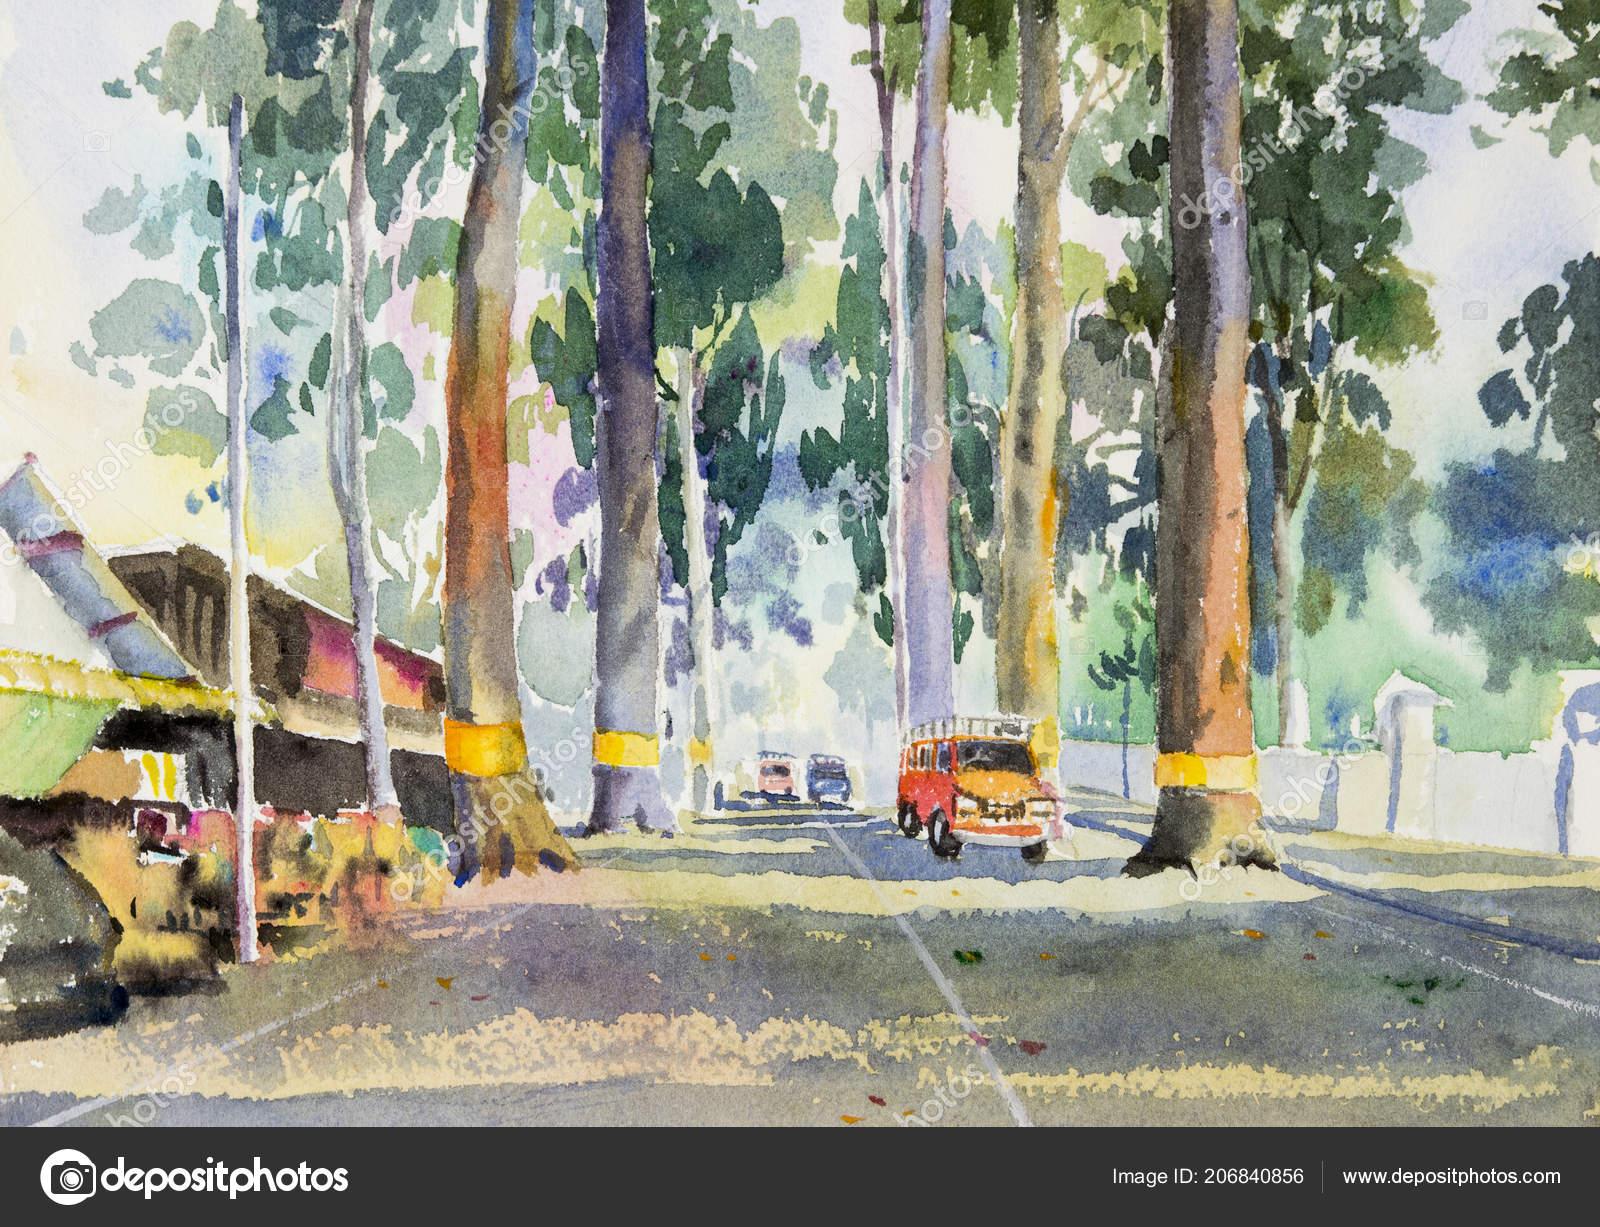 Klettergerüst Malen : Aquarell landschaft original malen bunte tunnel bäume und autos auf